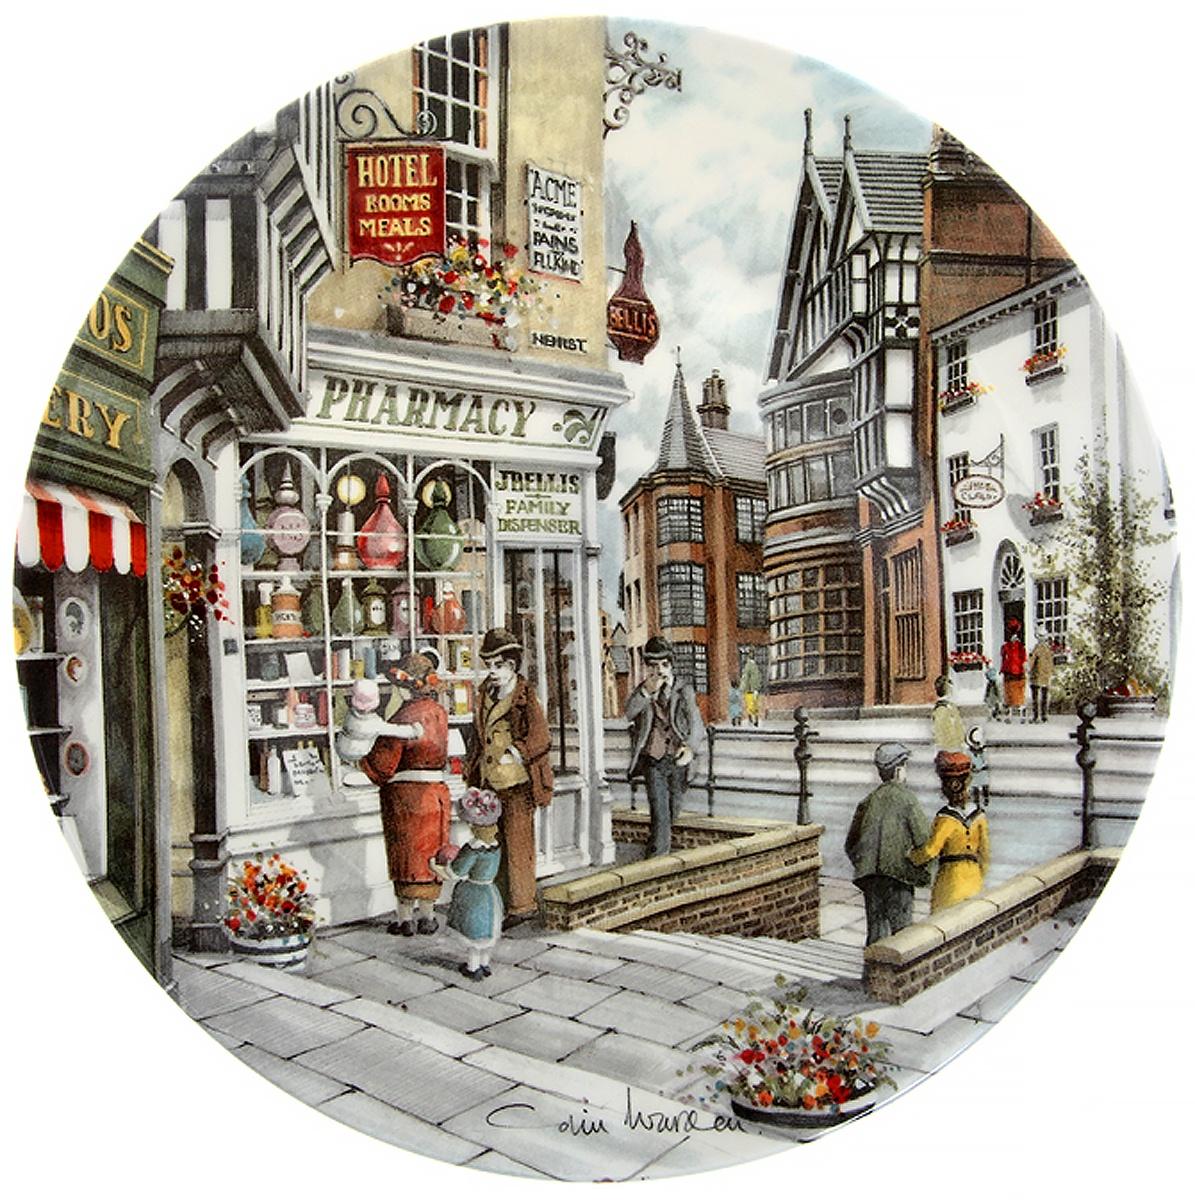 Декоративная тарелка Royal Doulton Колин Уорден Аптека, декоративная тарелка. Фарфор, деколь. Великобритания, 1990 год декоративная тарелка ketsuzan kiln гейша с зонтиком декоративная тарелка фарфор деколь япония 1990 год